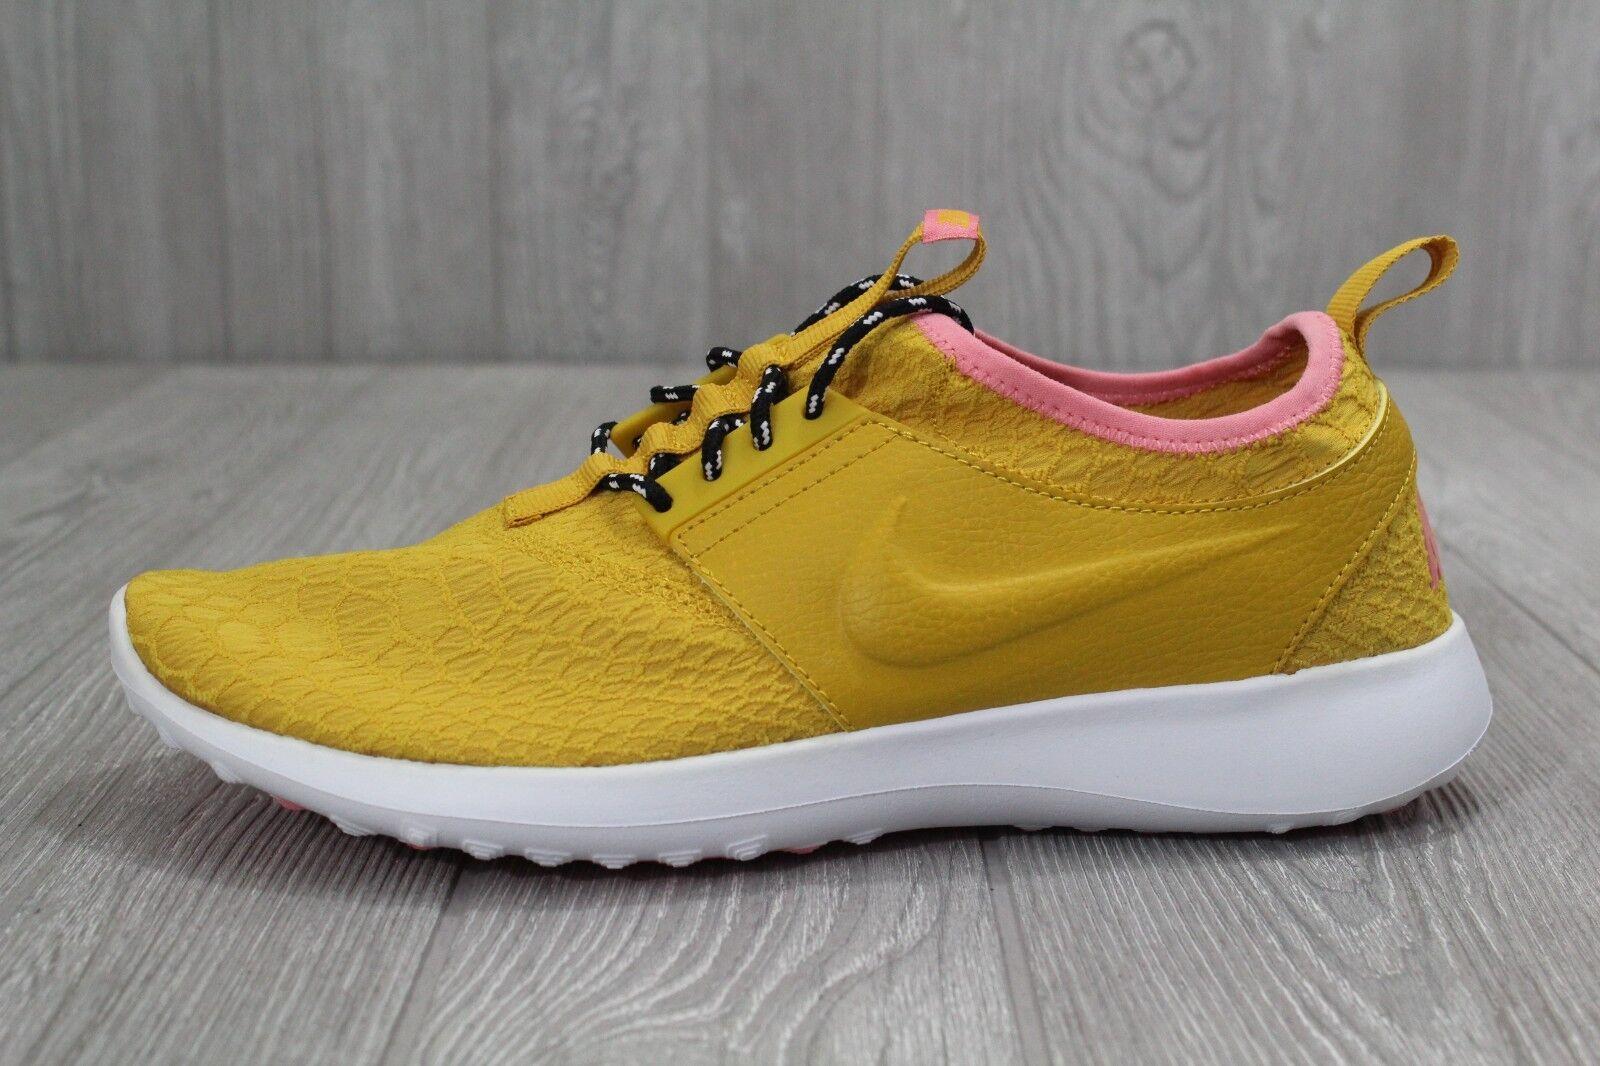 26 RARE Nike Nike Nike Juvenate SE gold shoes Womens Size 10.5 862335 be3187